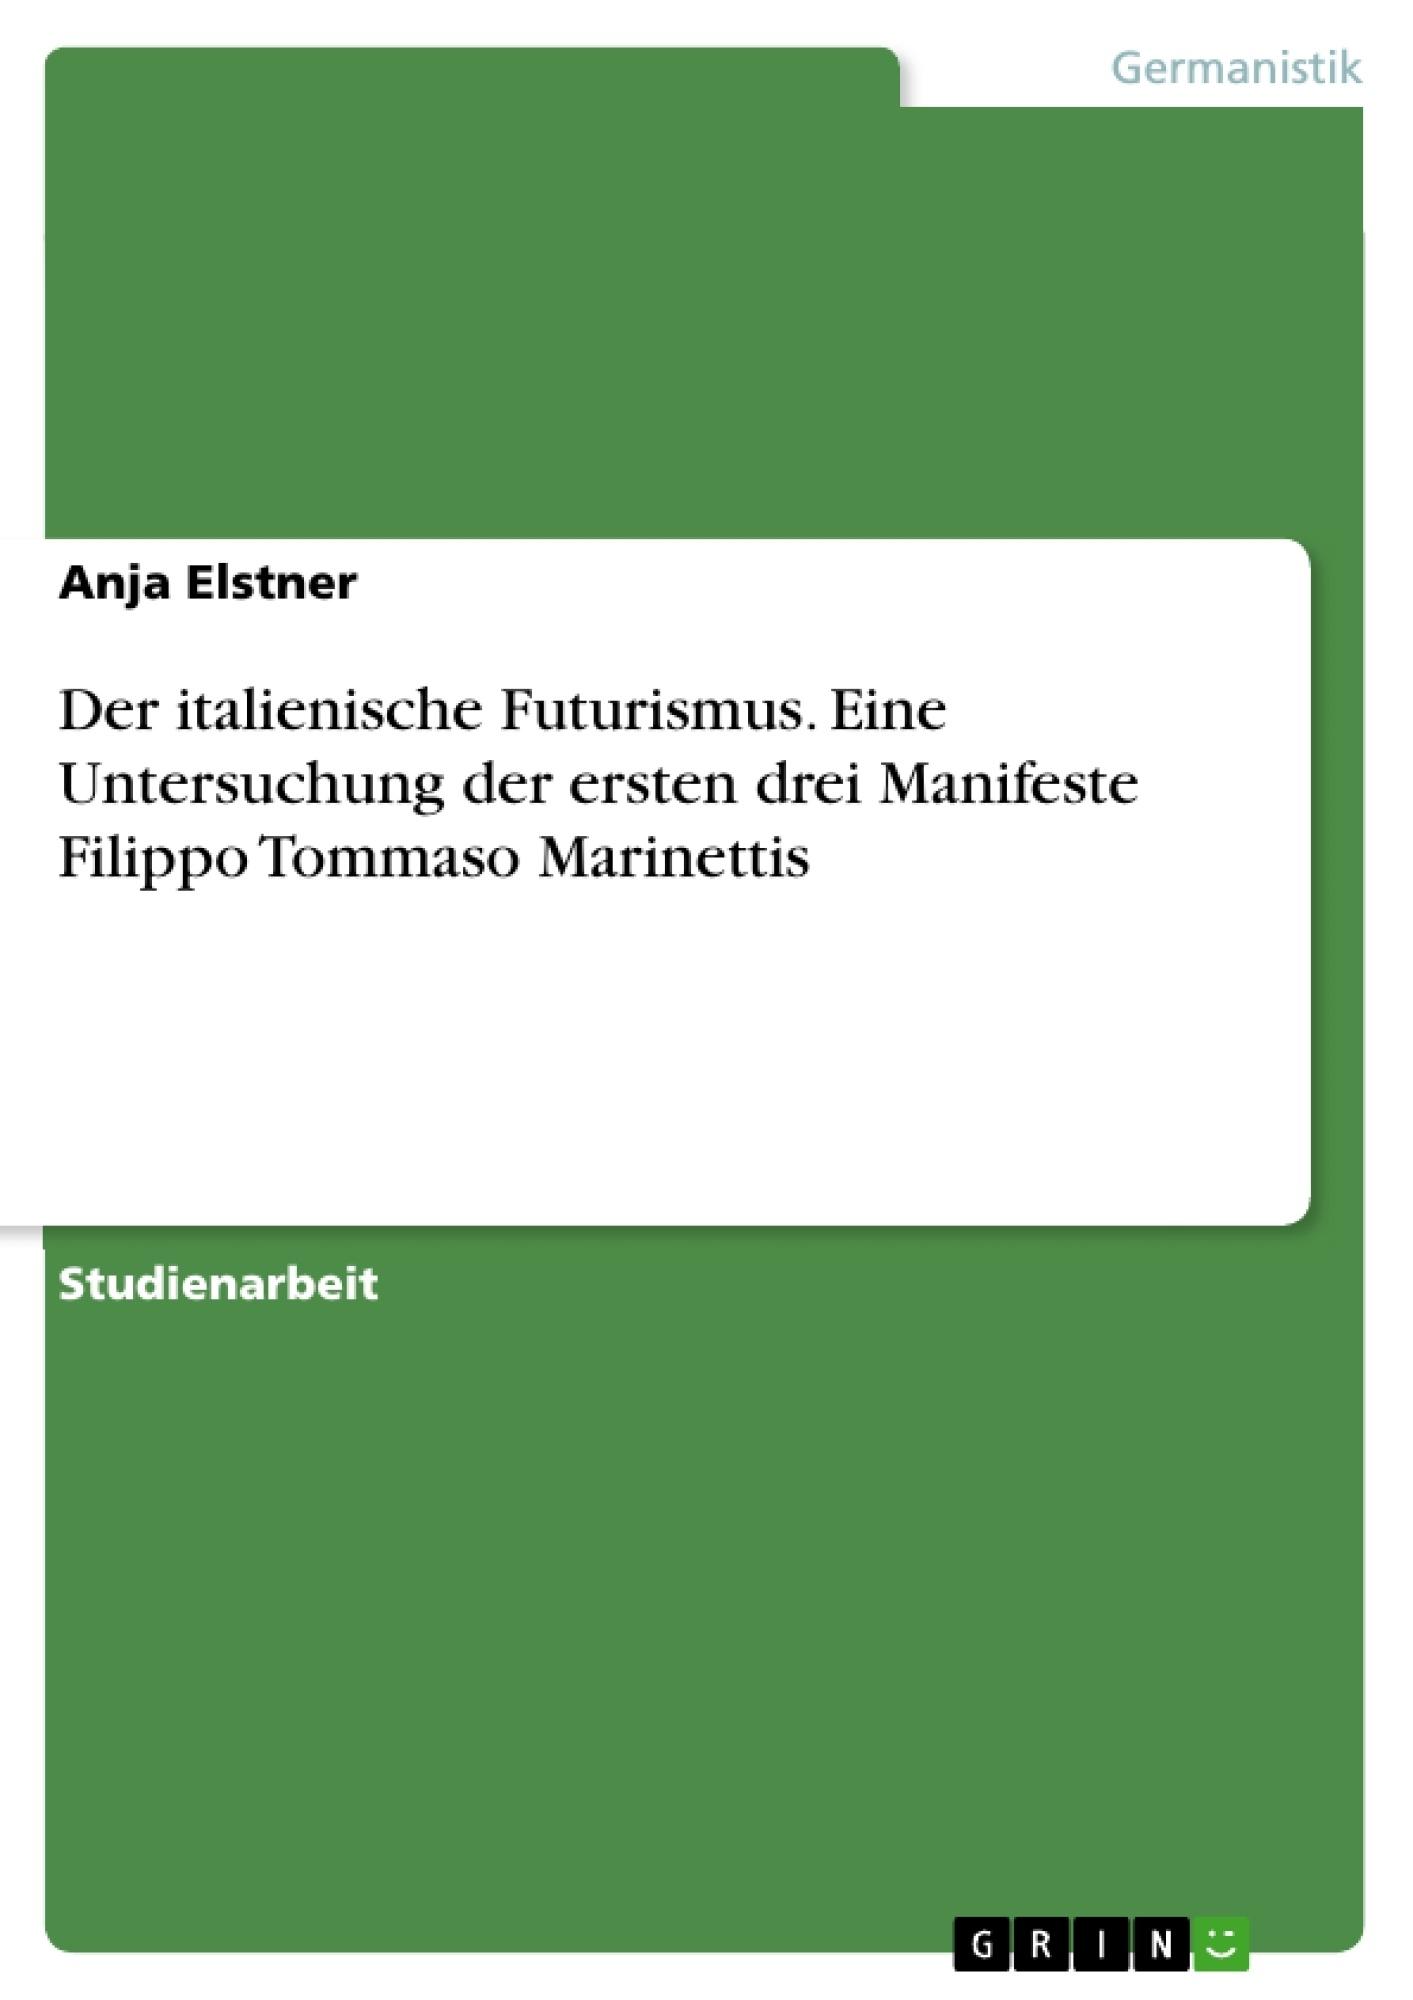 Titel: Der italienische Futurismus. Eine Untersuchung der ersten drei Manifeste Filippo Tommaso Marinettis